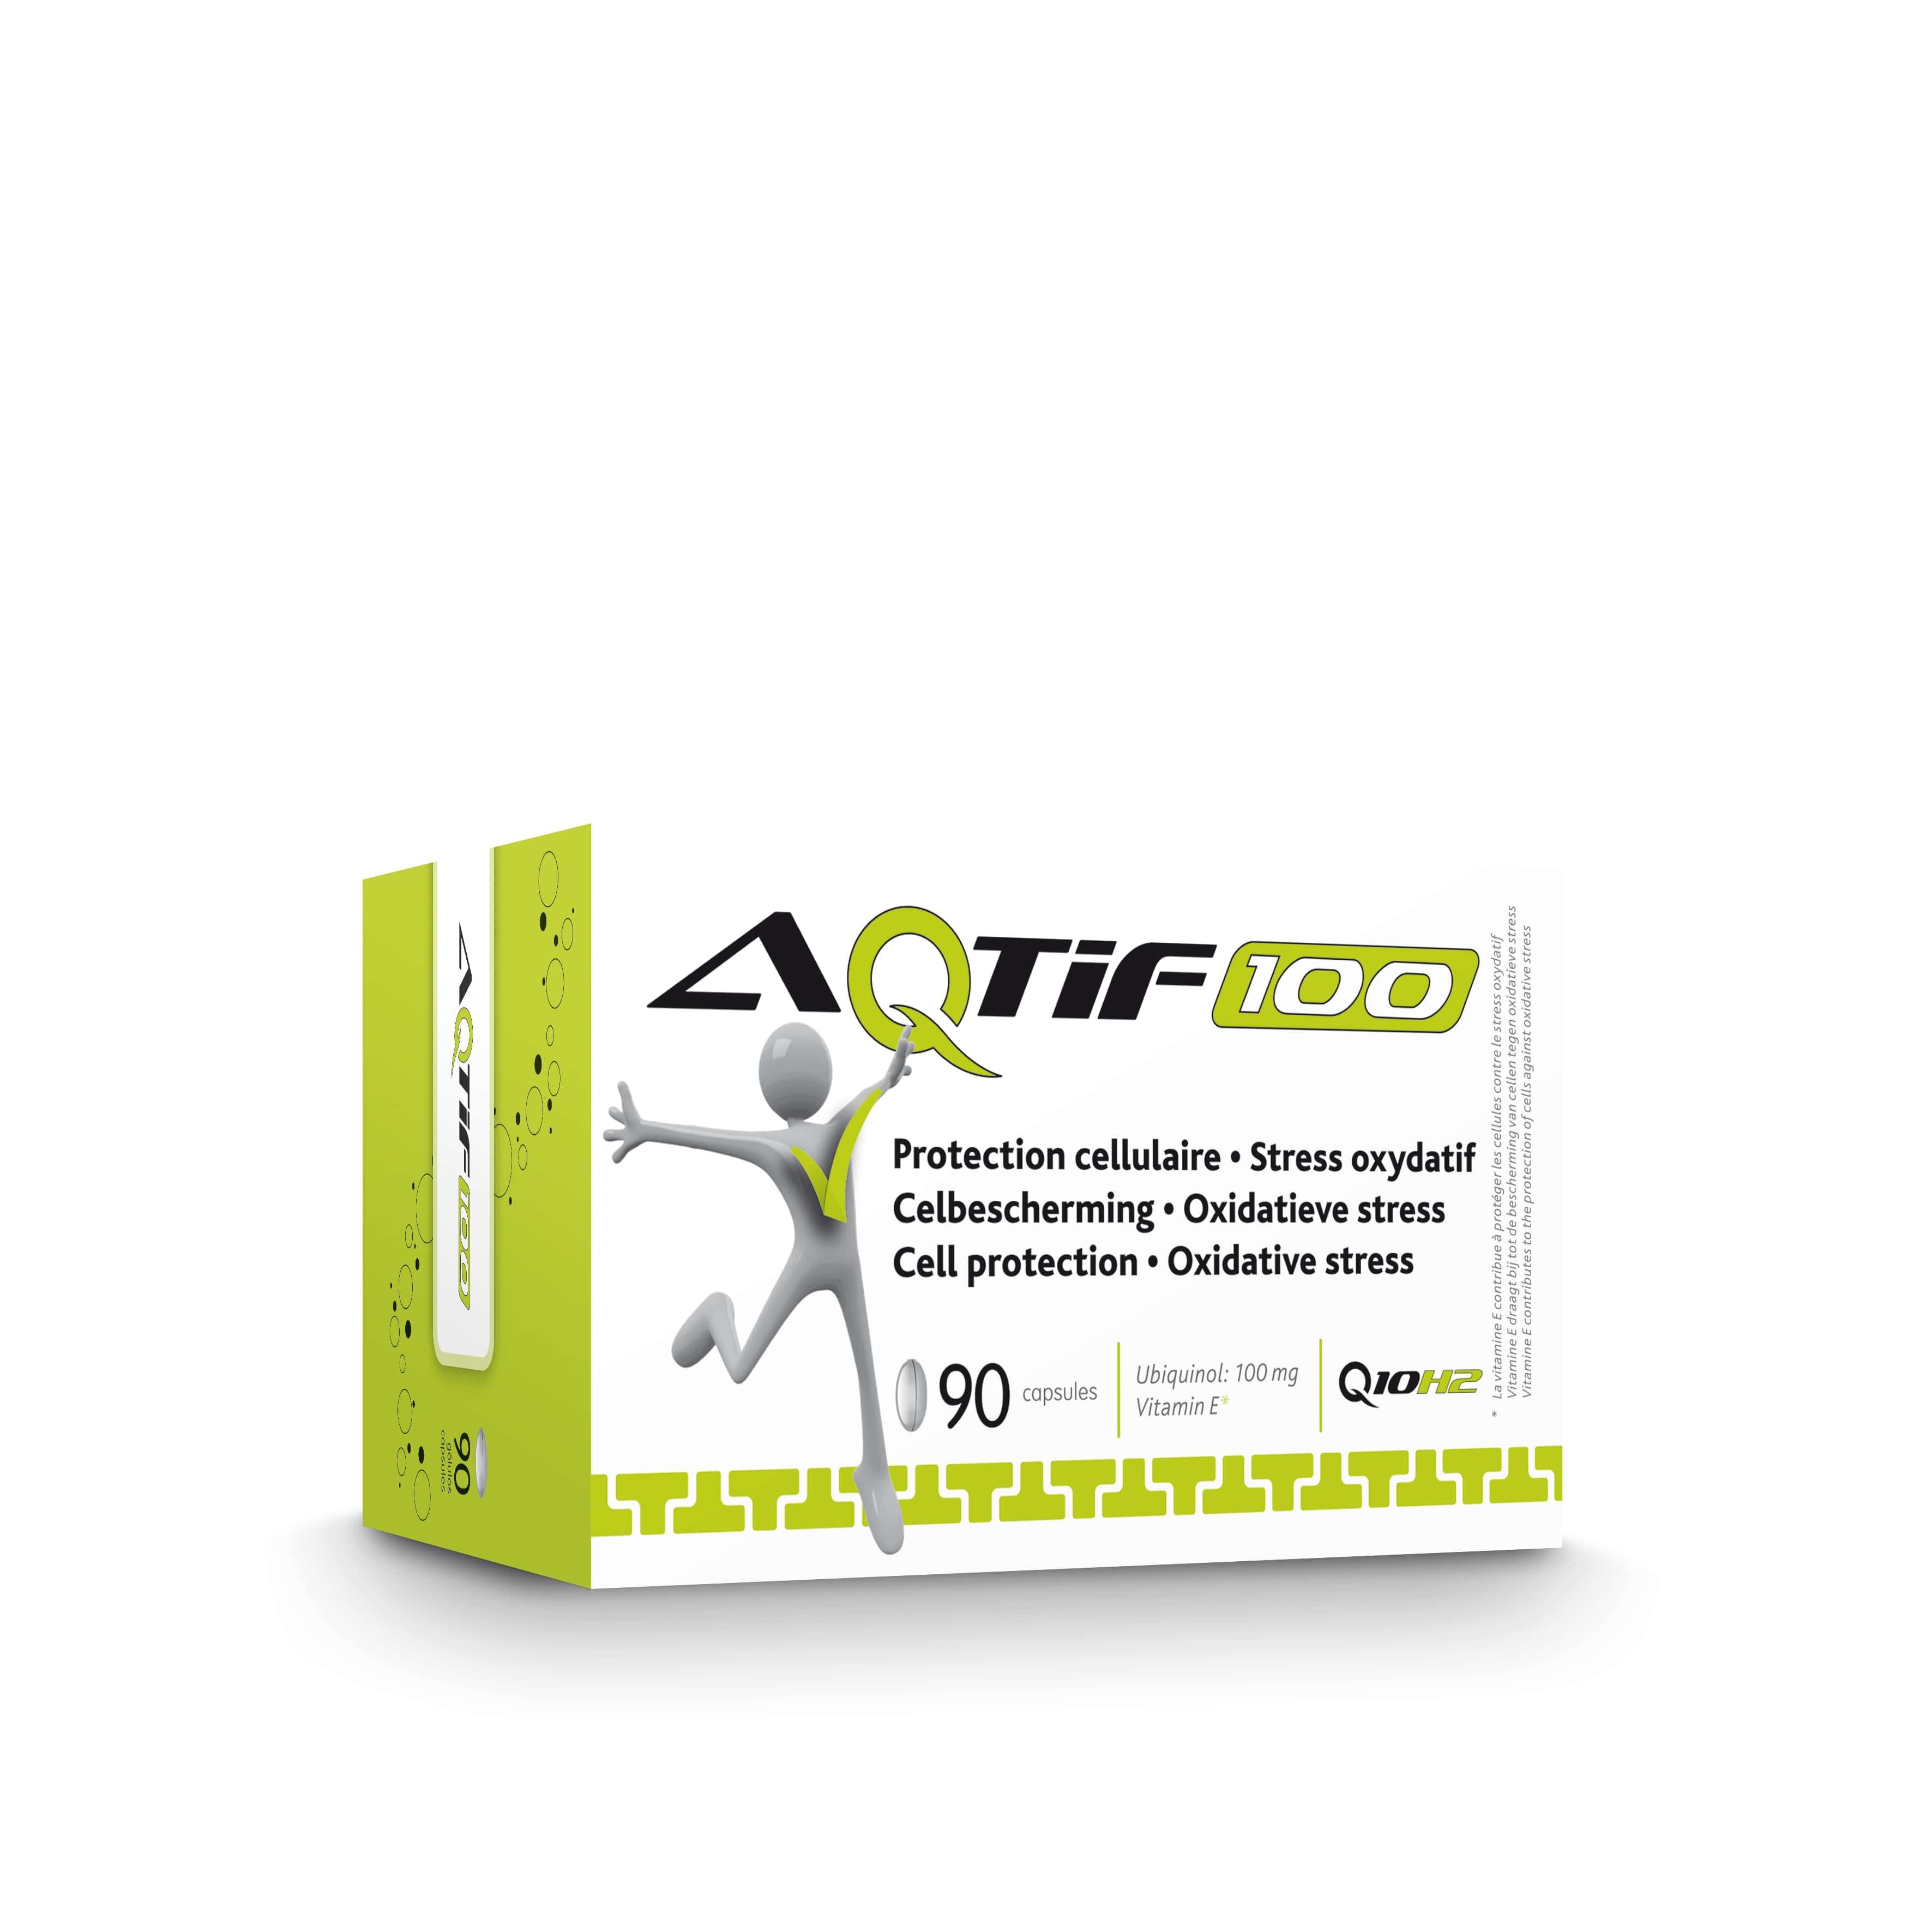 AQtif 100 Q10H2